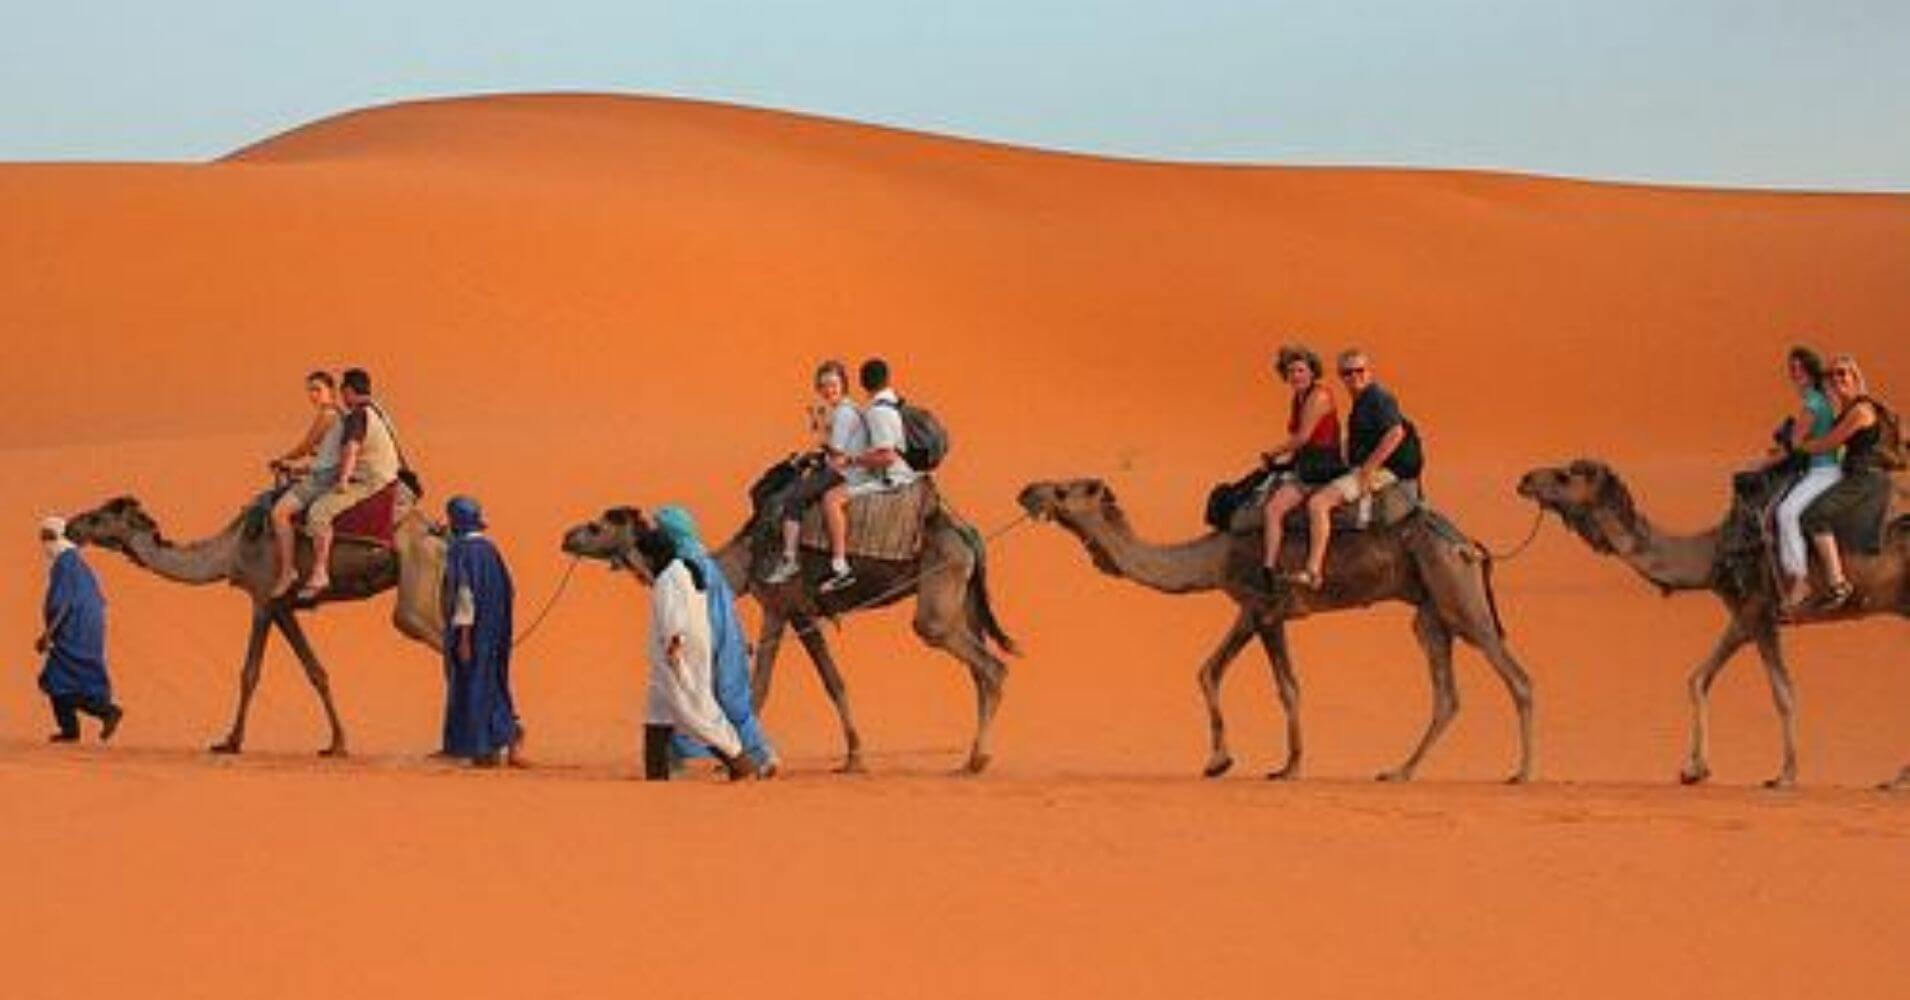 Aventuras en Marruecos. Caravana de Camellos por el Desierto.